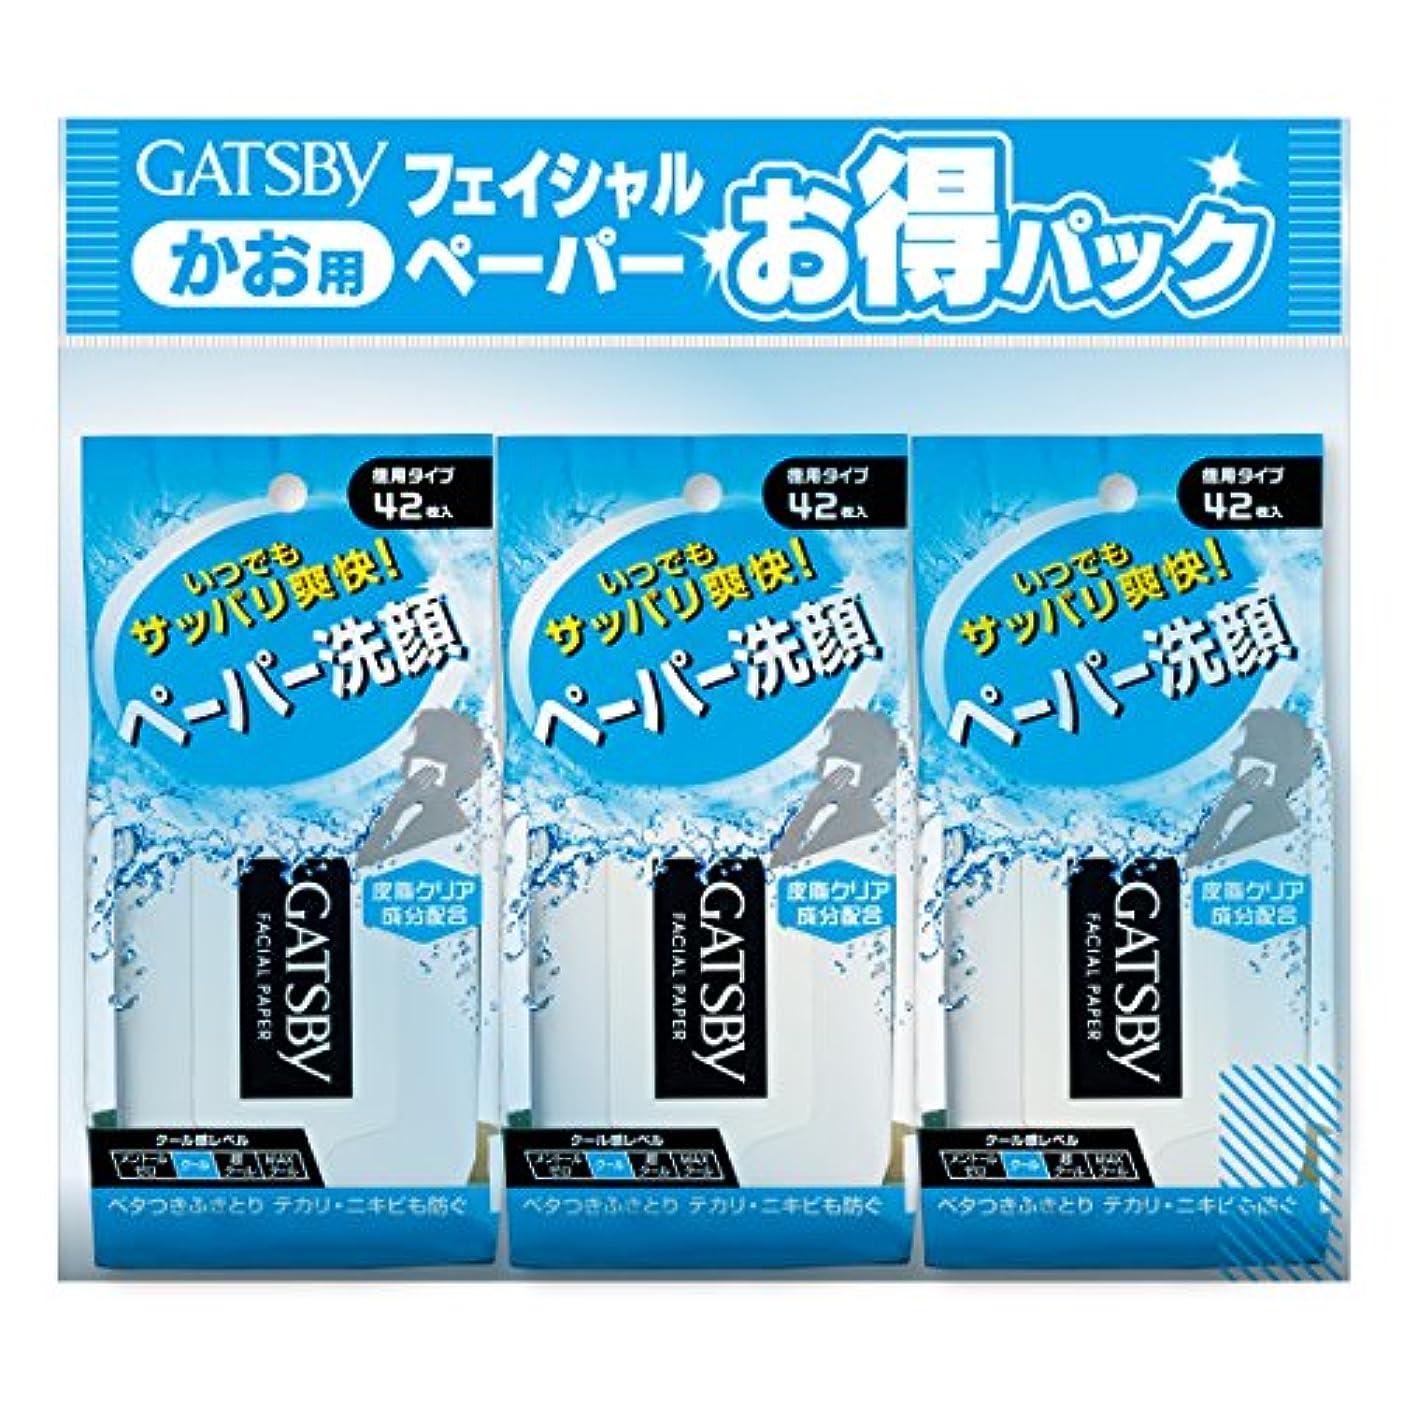 アロング削減聴く【まとめ買い】GATSBY (ギャツビー)フェイシャルペーパー 徳用42枚×3個パック